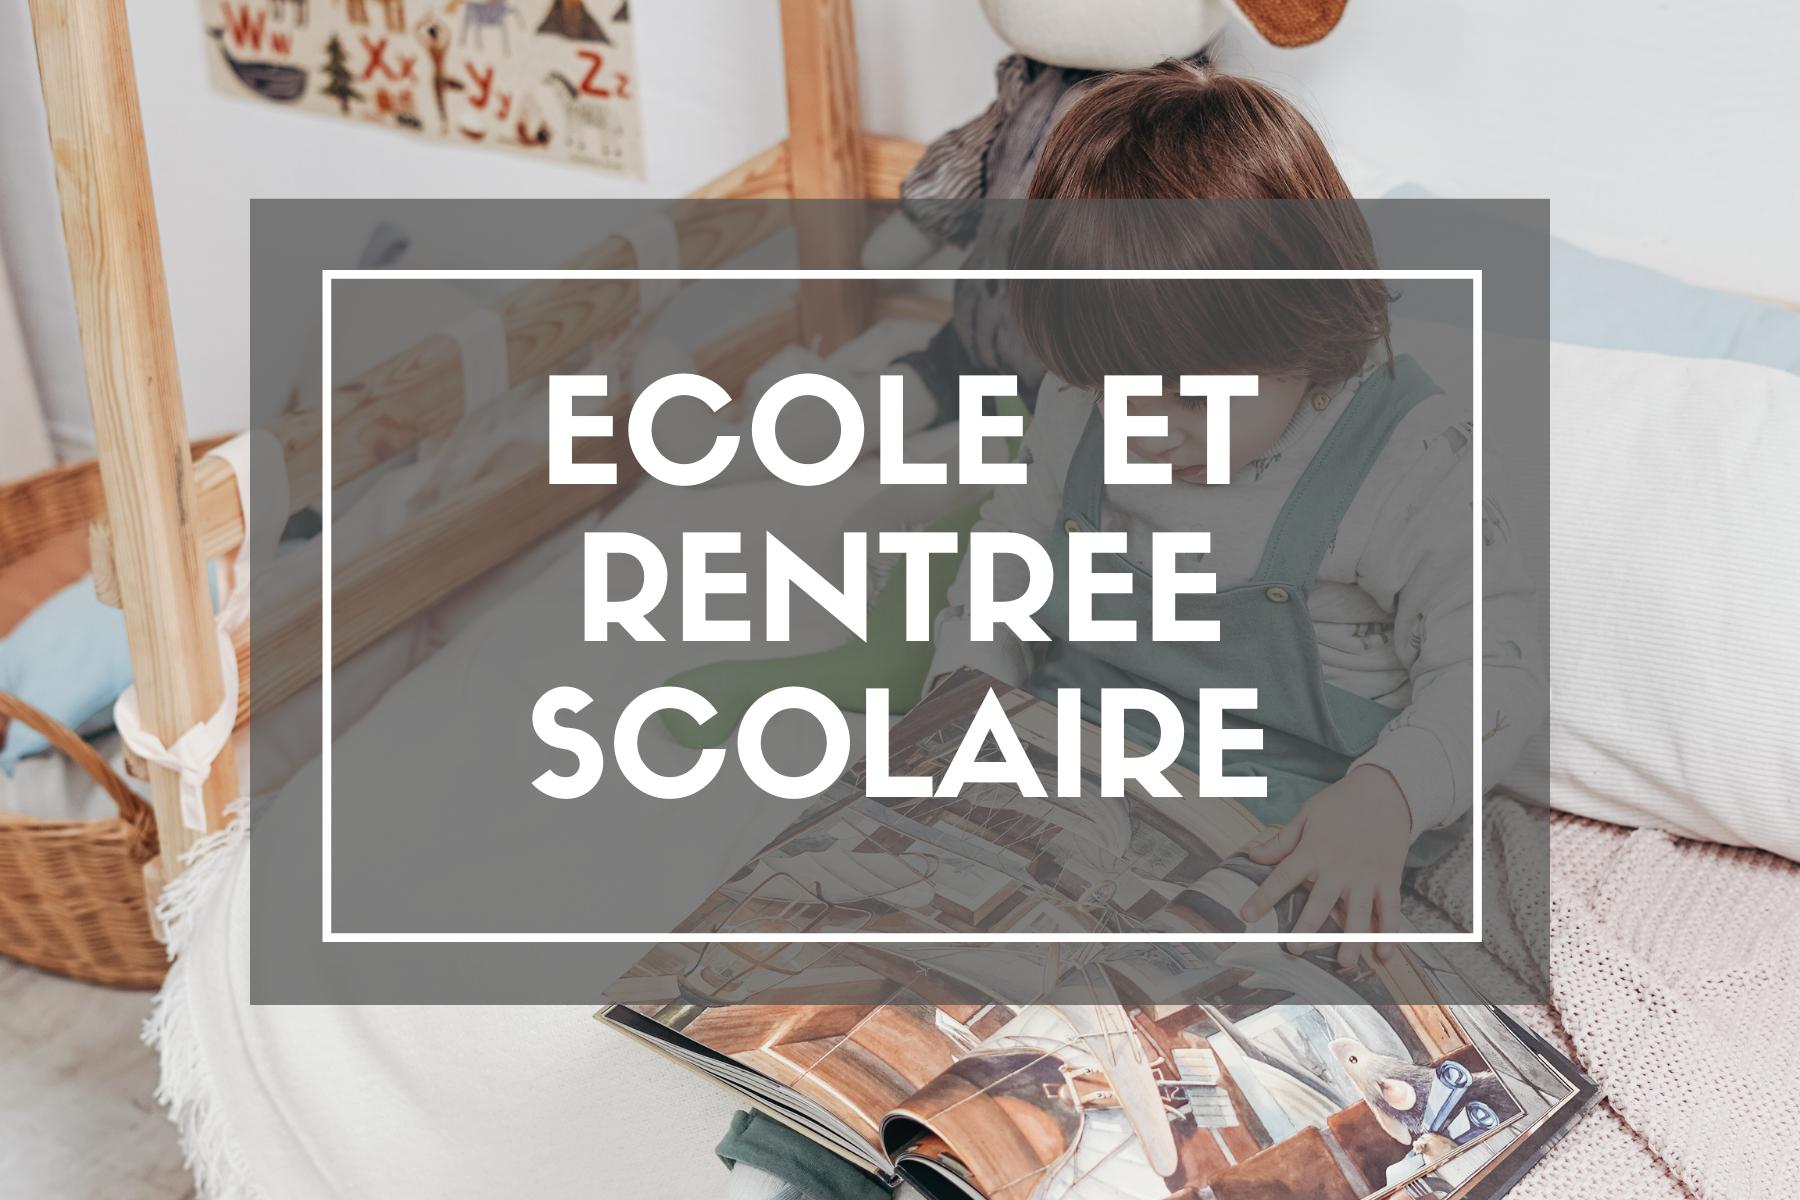 https://www.jeumeconstruis.fr/160-ecole-et-rentree-scolaire